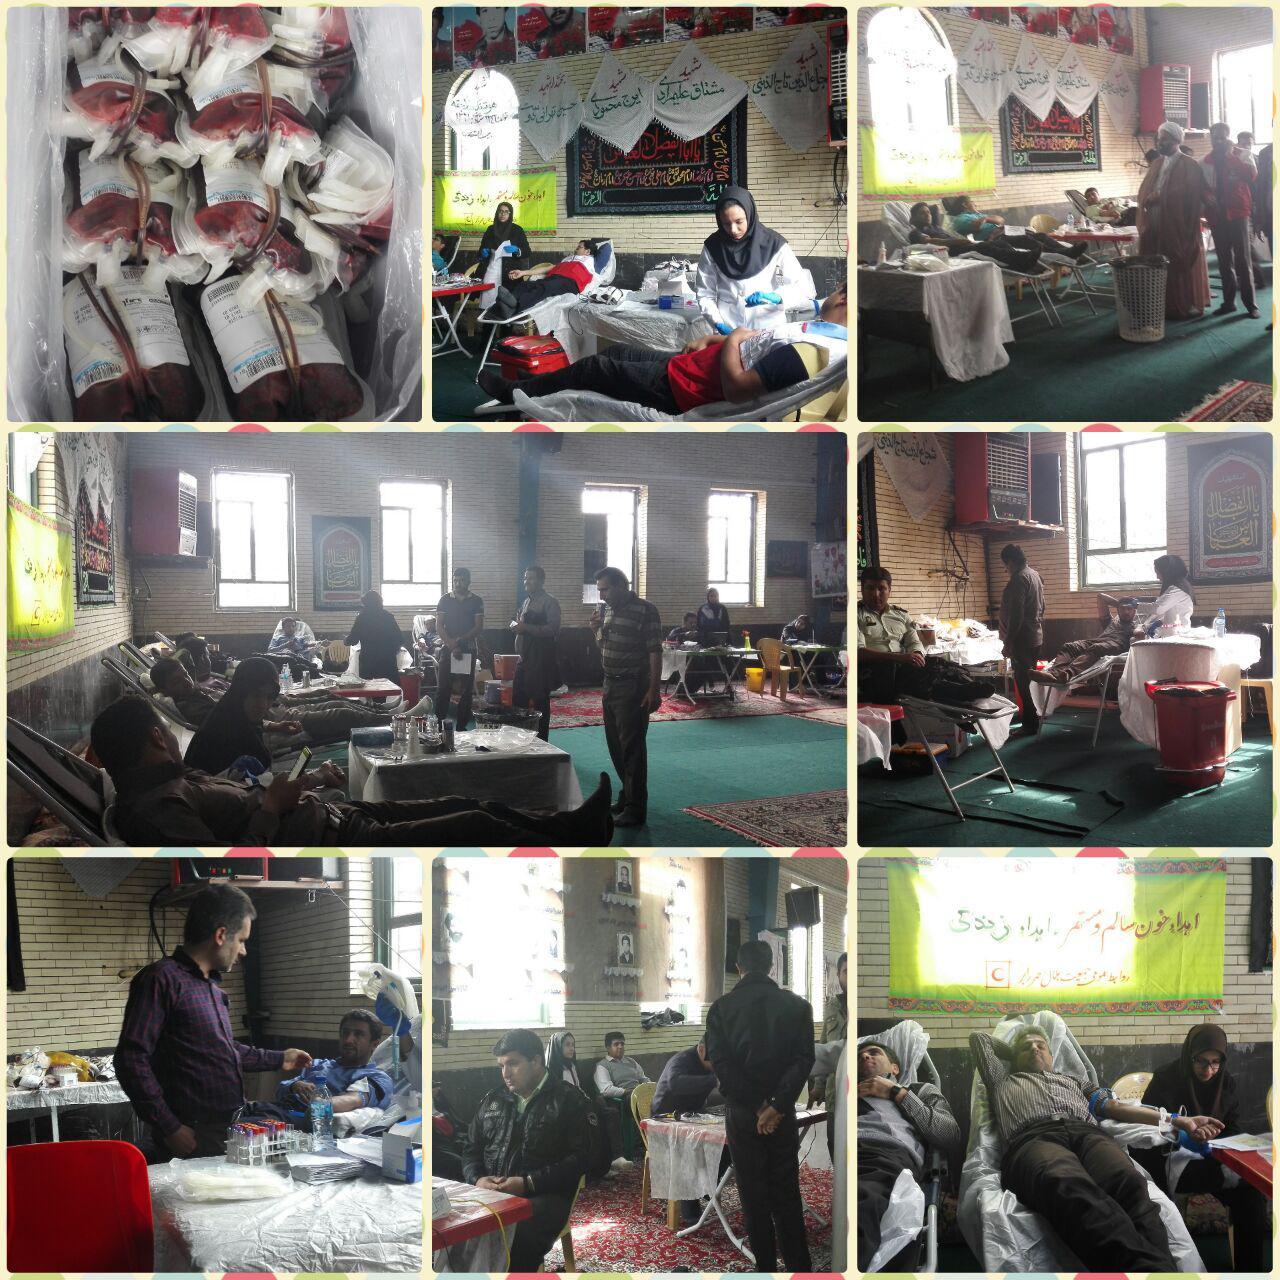 ۱۱۰ رابری به زلزله زدگان کرمانشاه  خون اهدا کردند